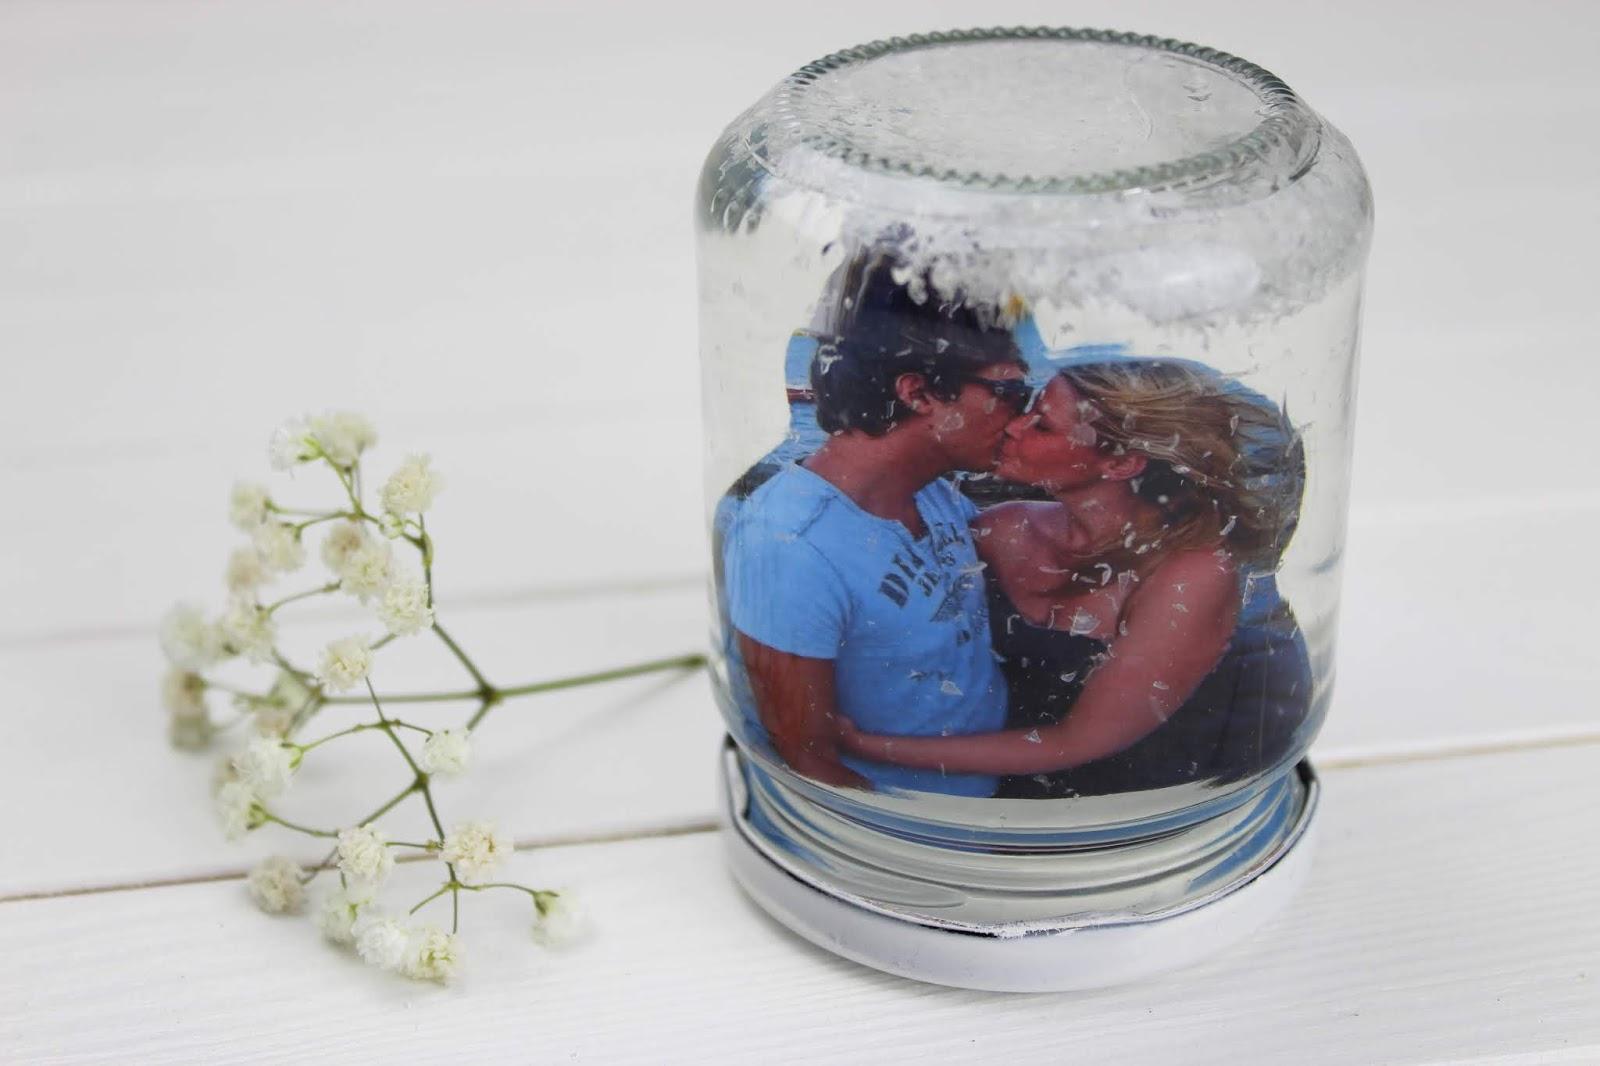 Schneekugel mit Foto - DIY: 5 wundervolle Fotogeschenke ganz schnell und einfach selber gemacht mit dem HP Tango X